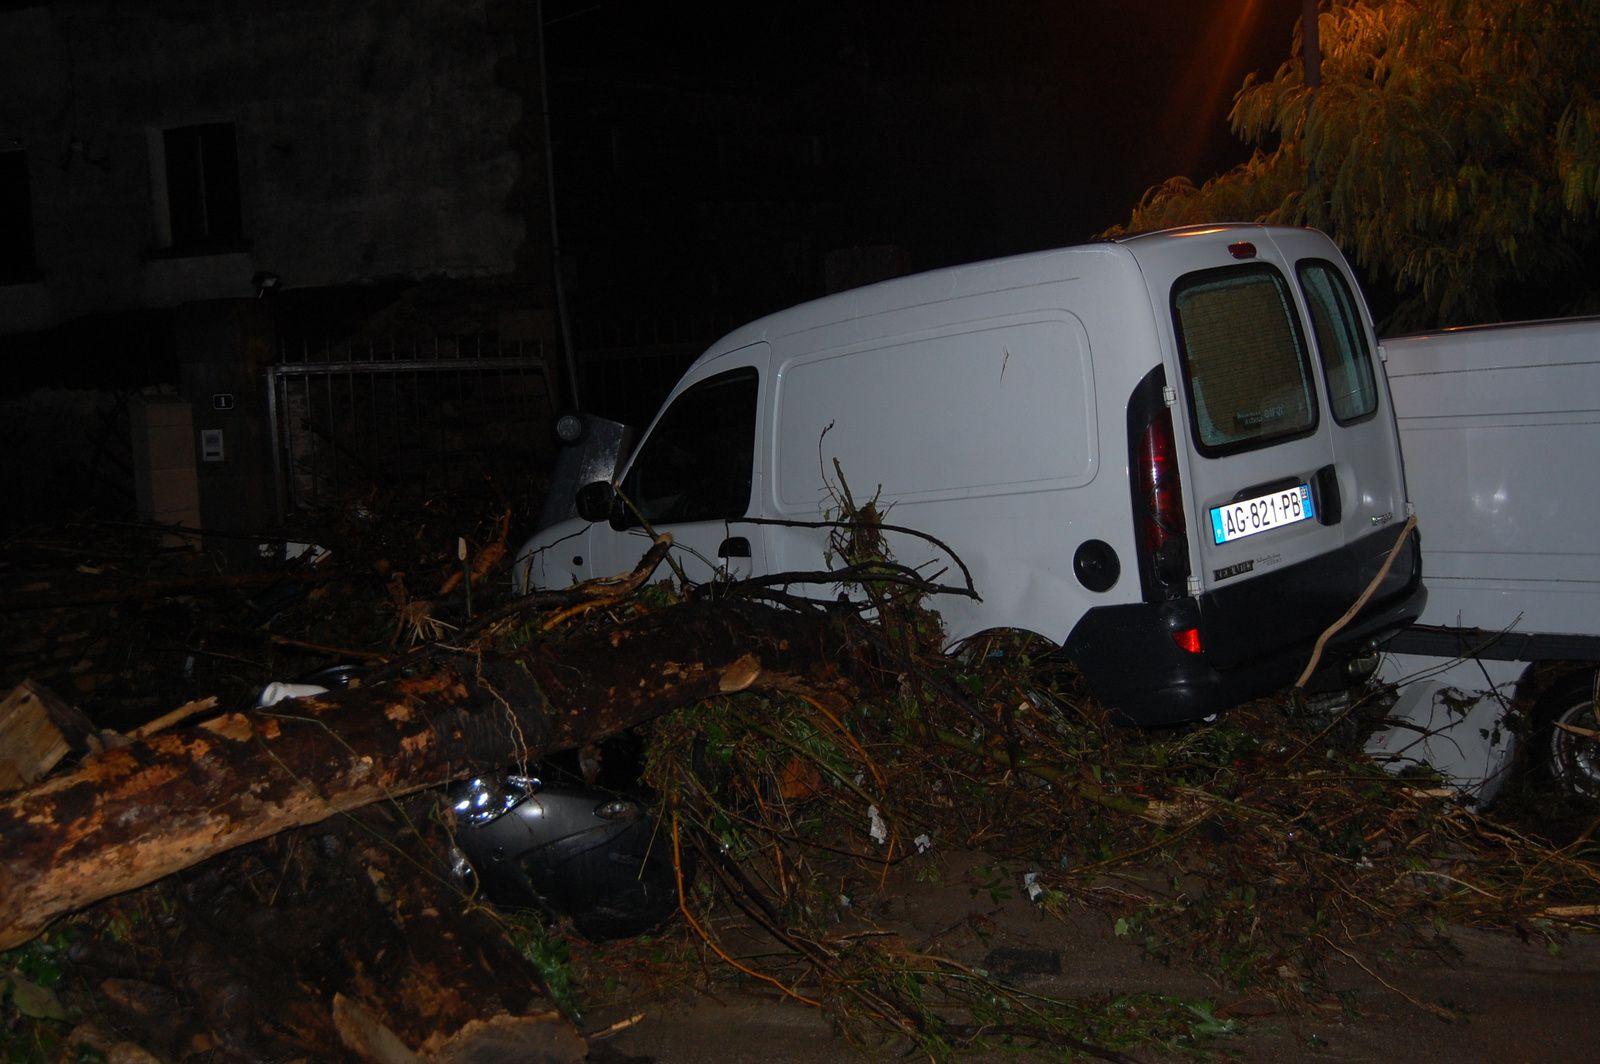 Quelques photos des nombreux véhicules endommagés.